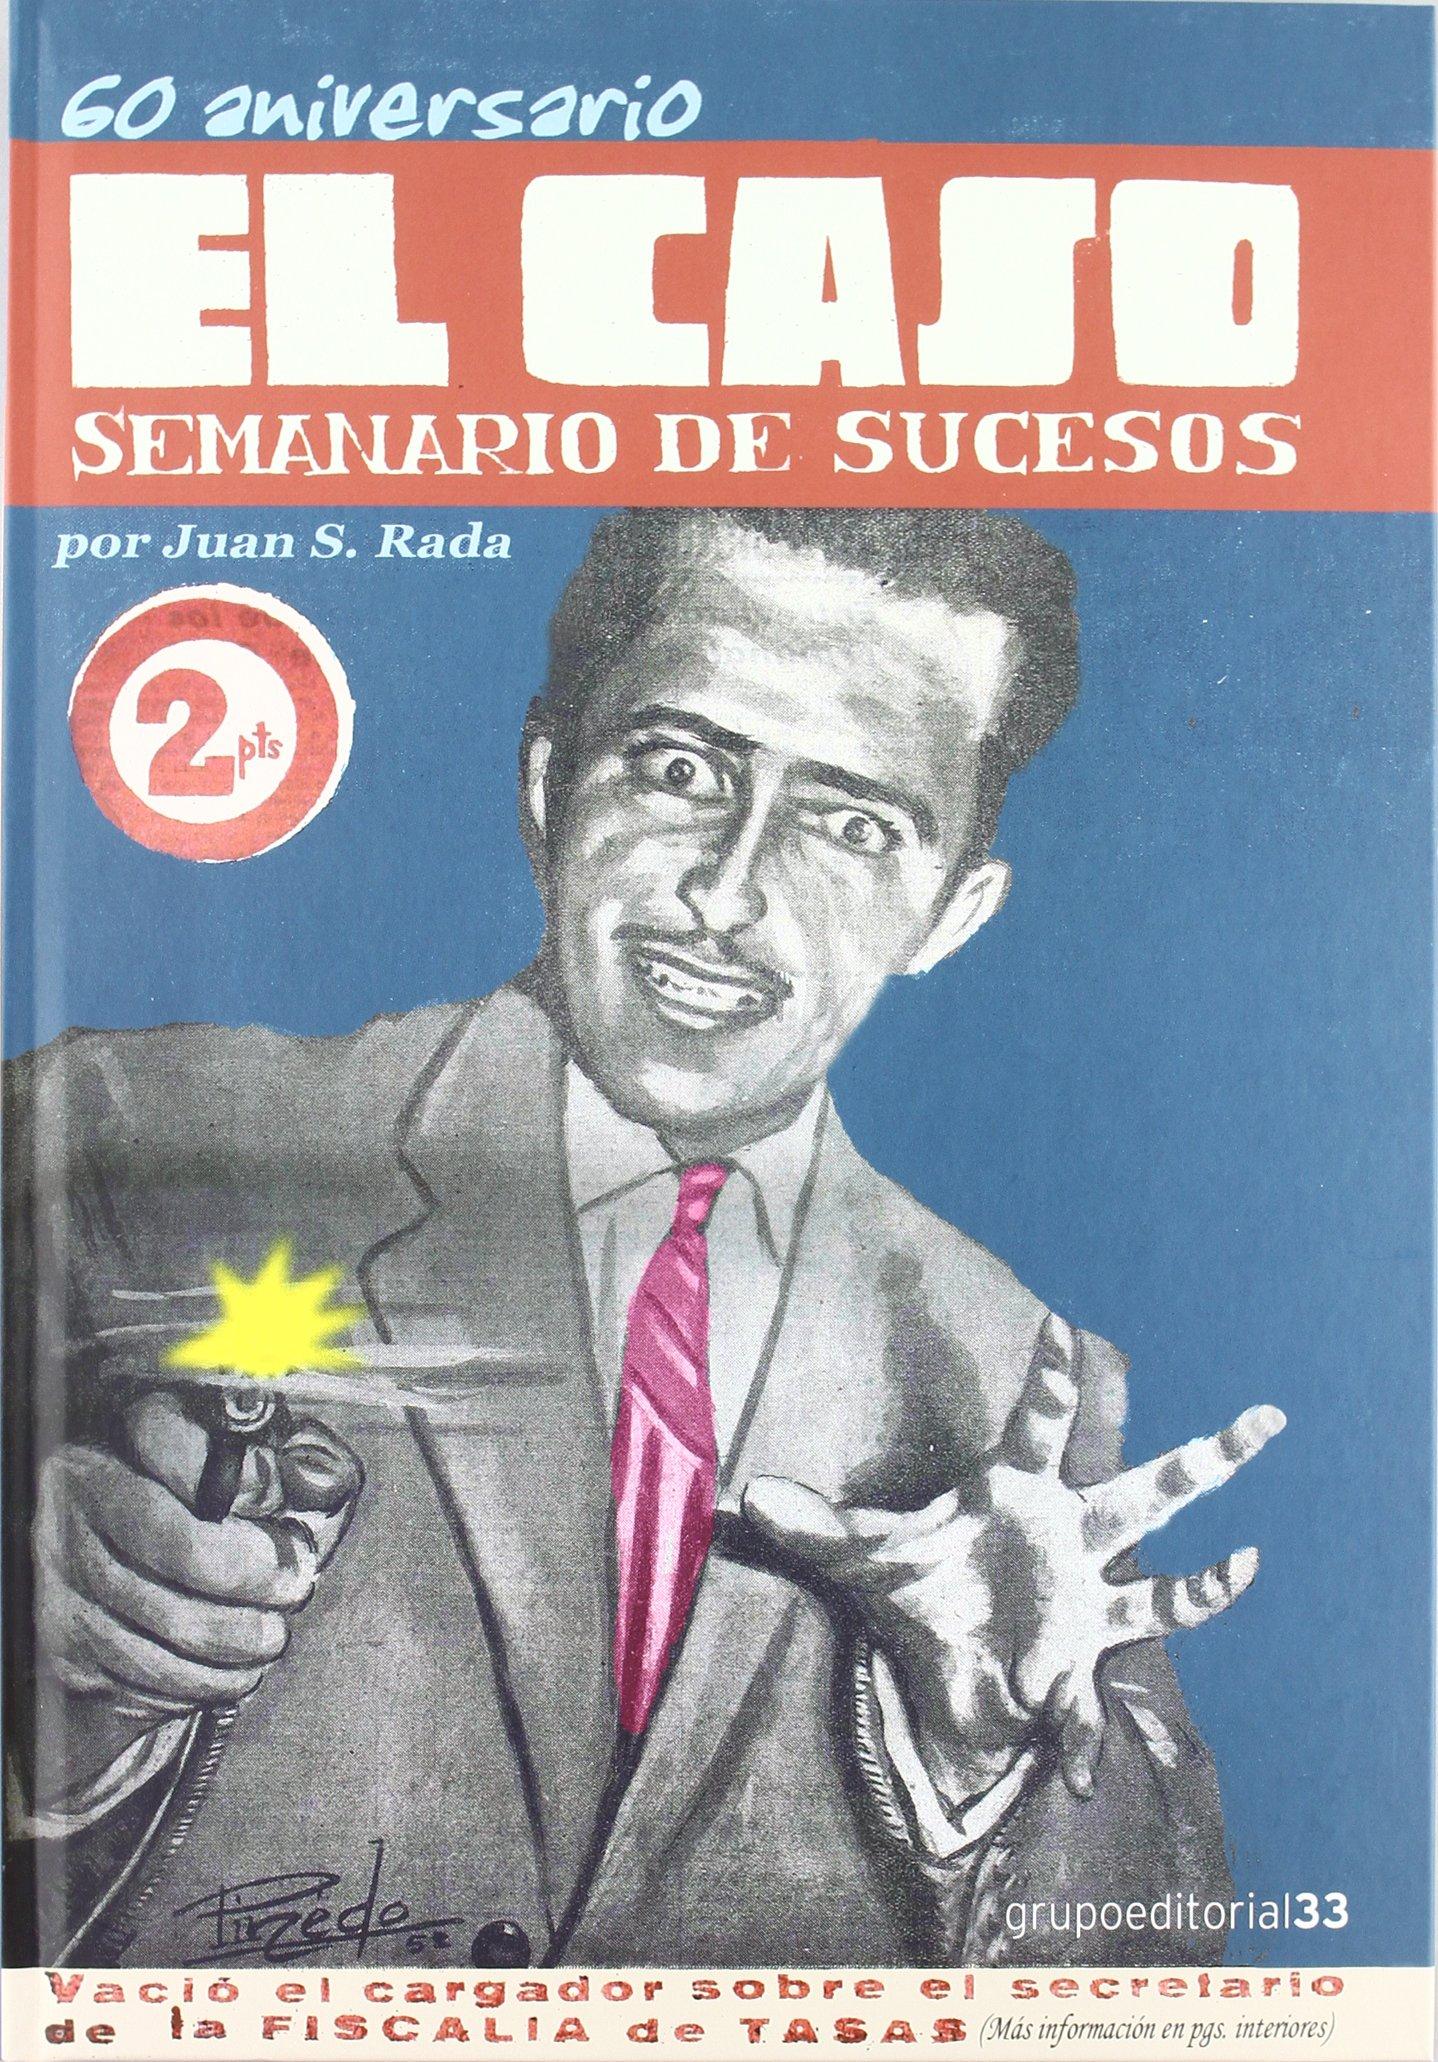 60 aniversario el caso - semanario de sucesos: Amazon.es: Rada, Juan S.: Libros